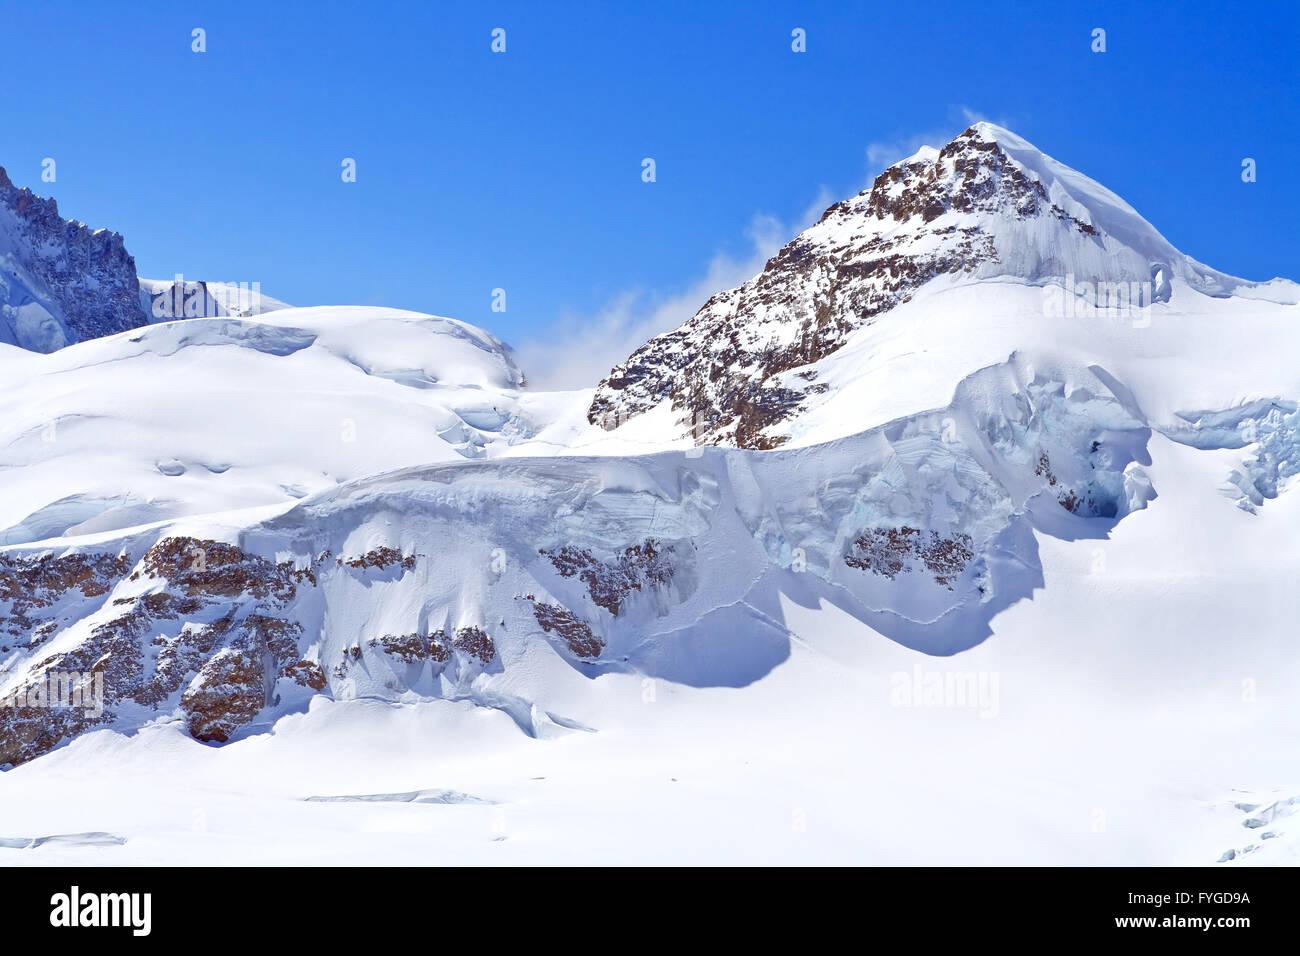 Der Schweizer Alpen in der Jungfrauregion, Schweiz Stockbild